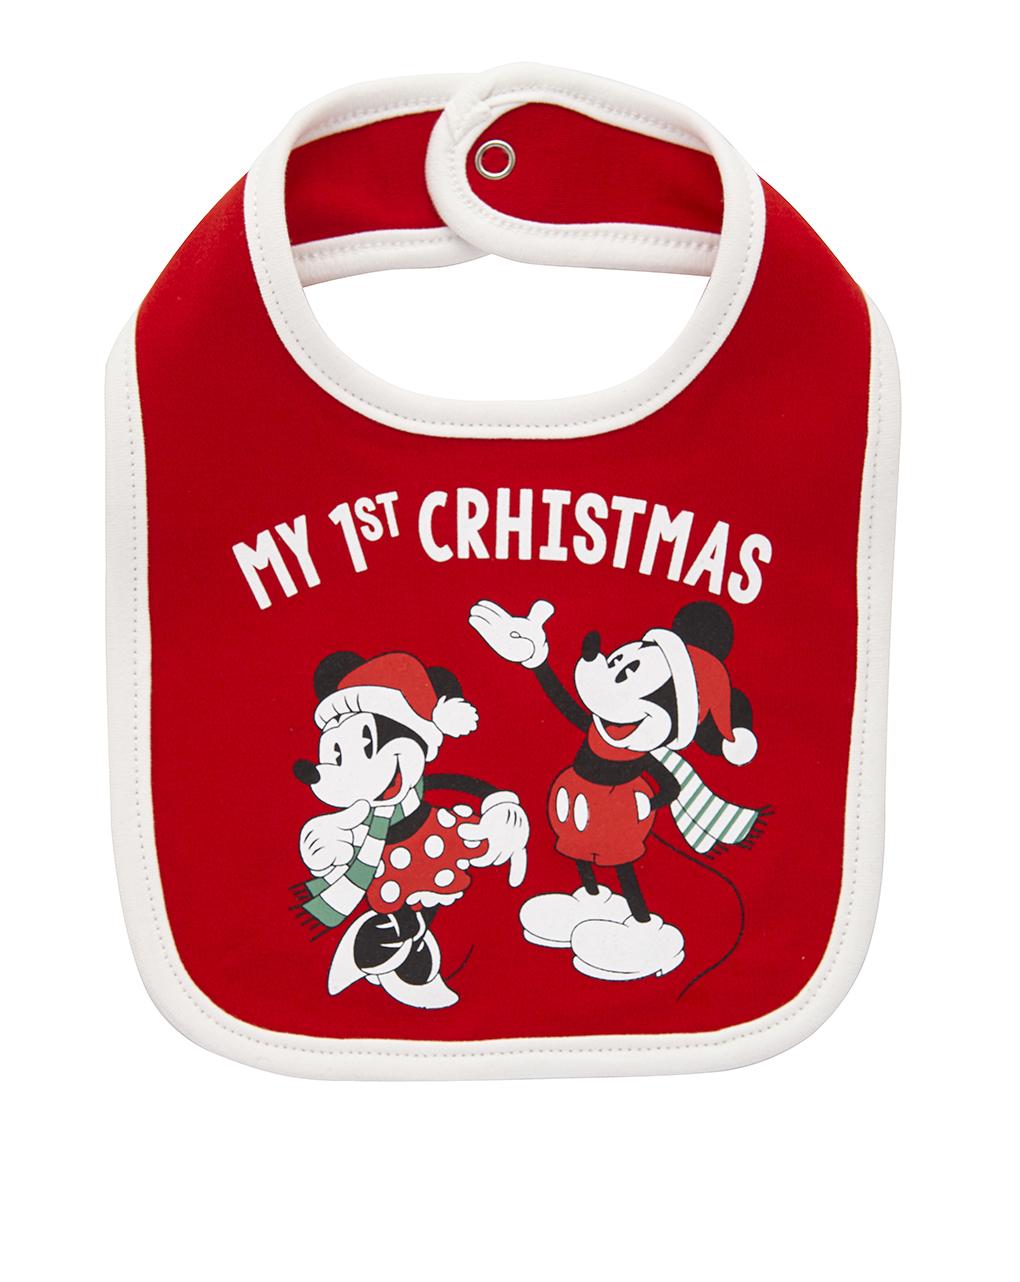 Χριστουγεννιάτικη σαλιάρα Minnie & Mickey κόκκινη